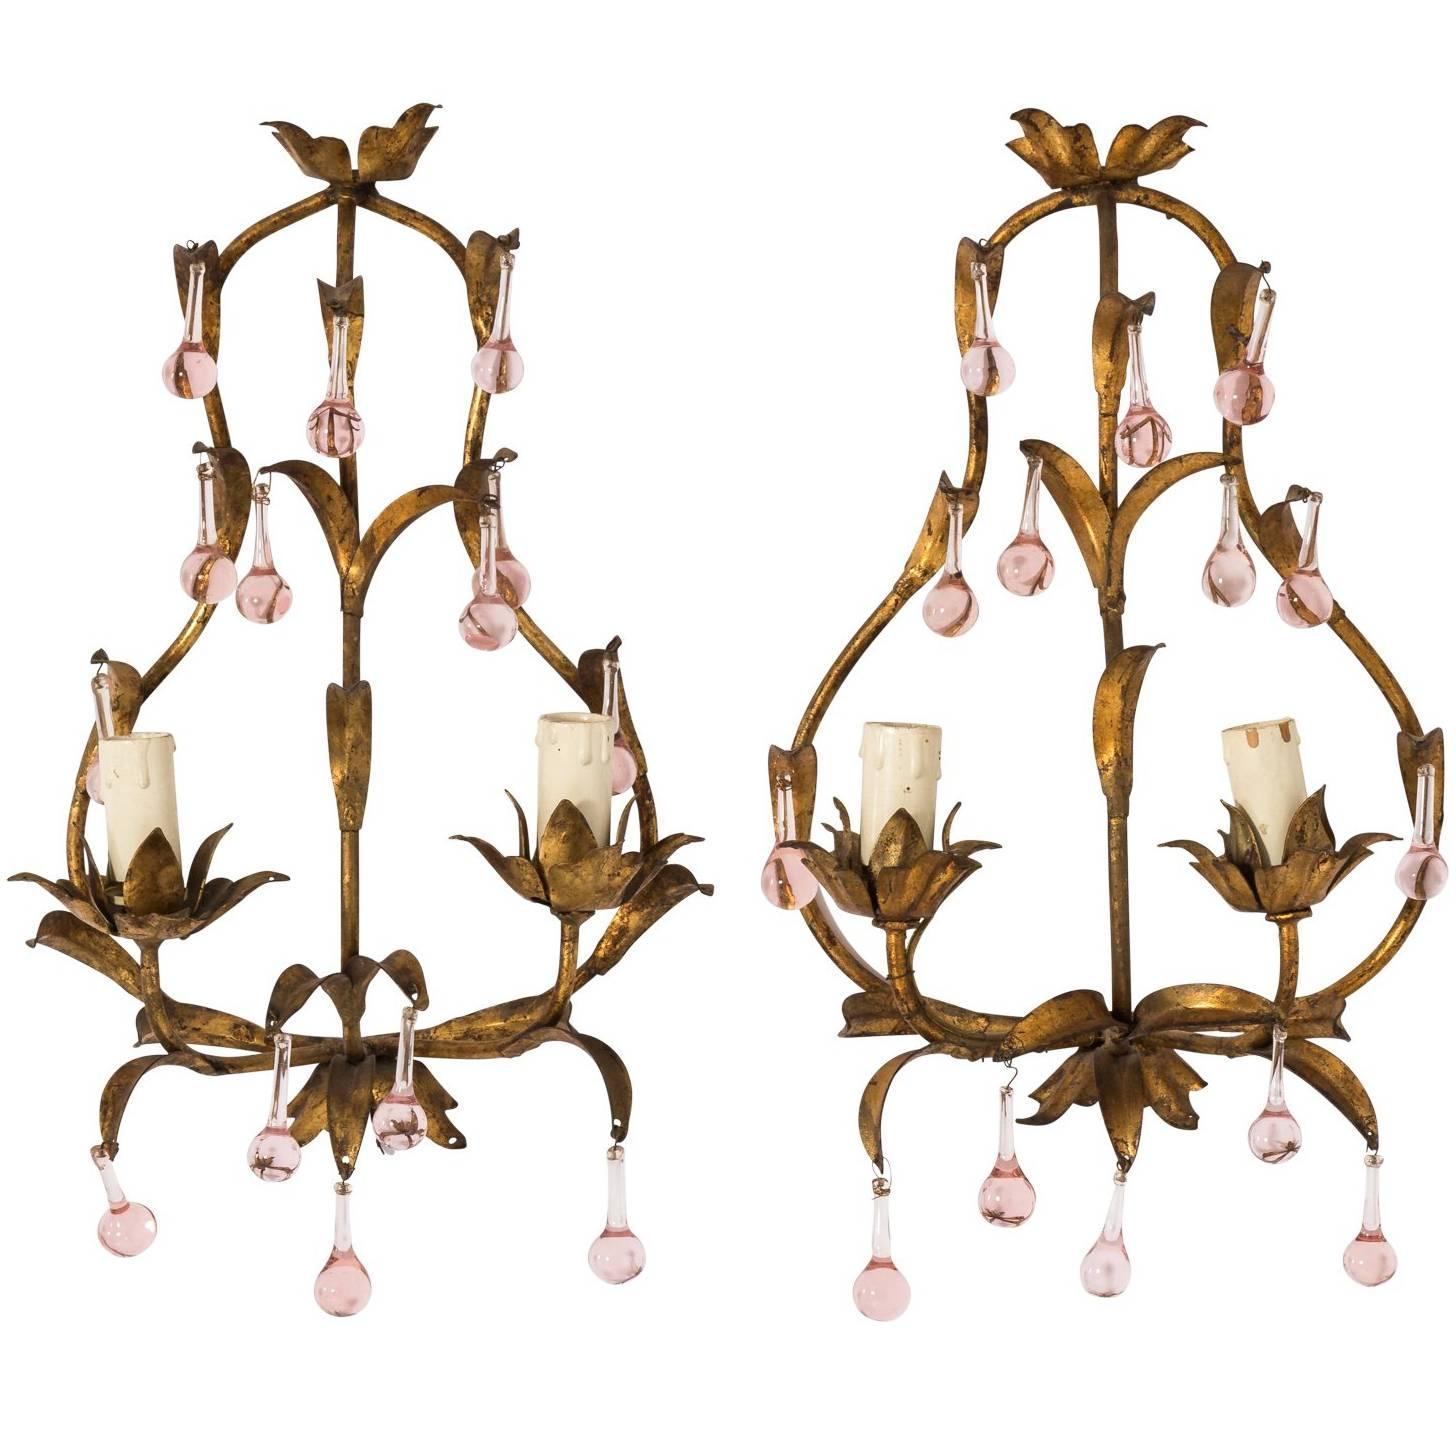 Pink Crystal Sconces For Sale at 1stdibs